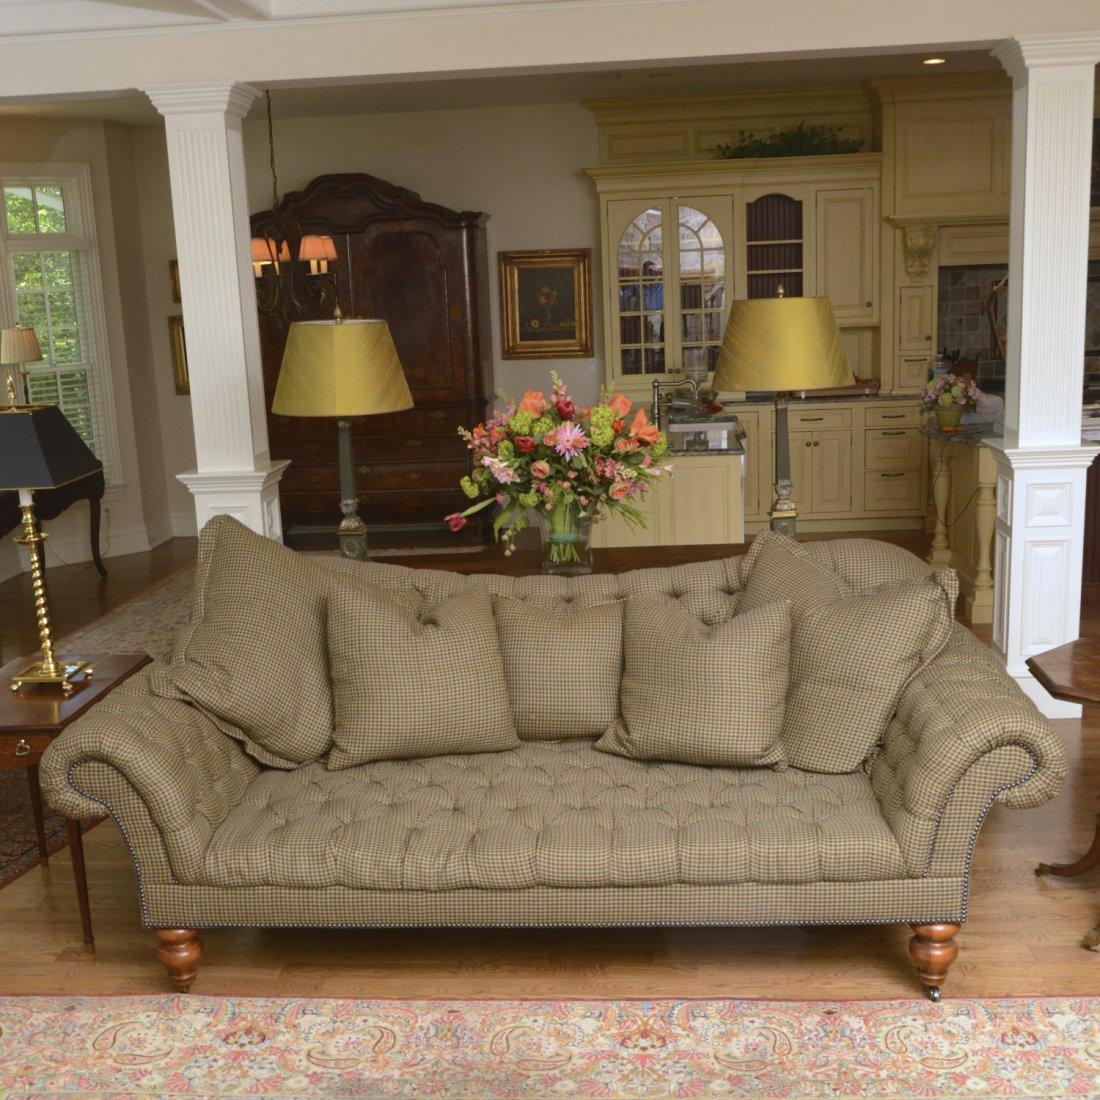 Ralph Lauren Living Room Furniture Ralph Lauren Home Tufted Houndstooth Sofa Lot 1352